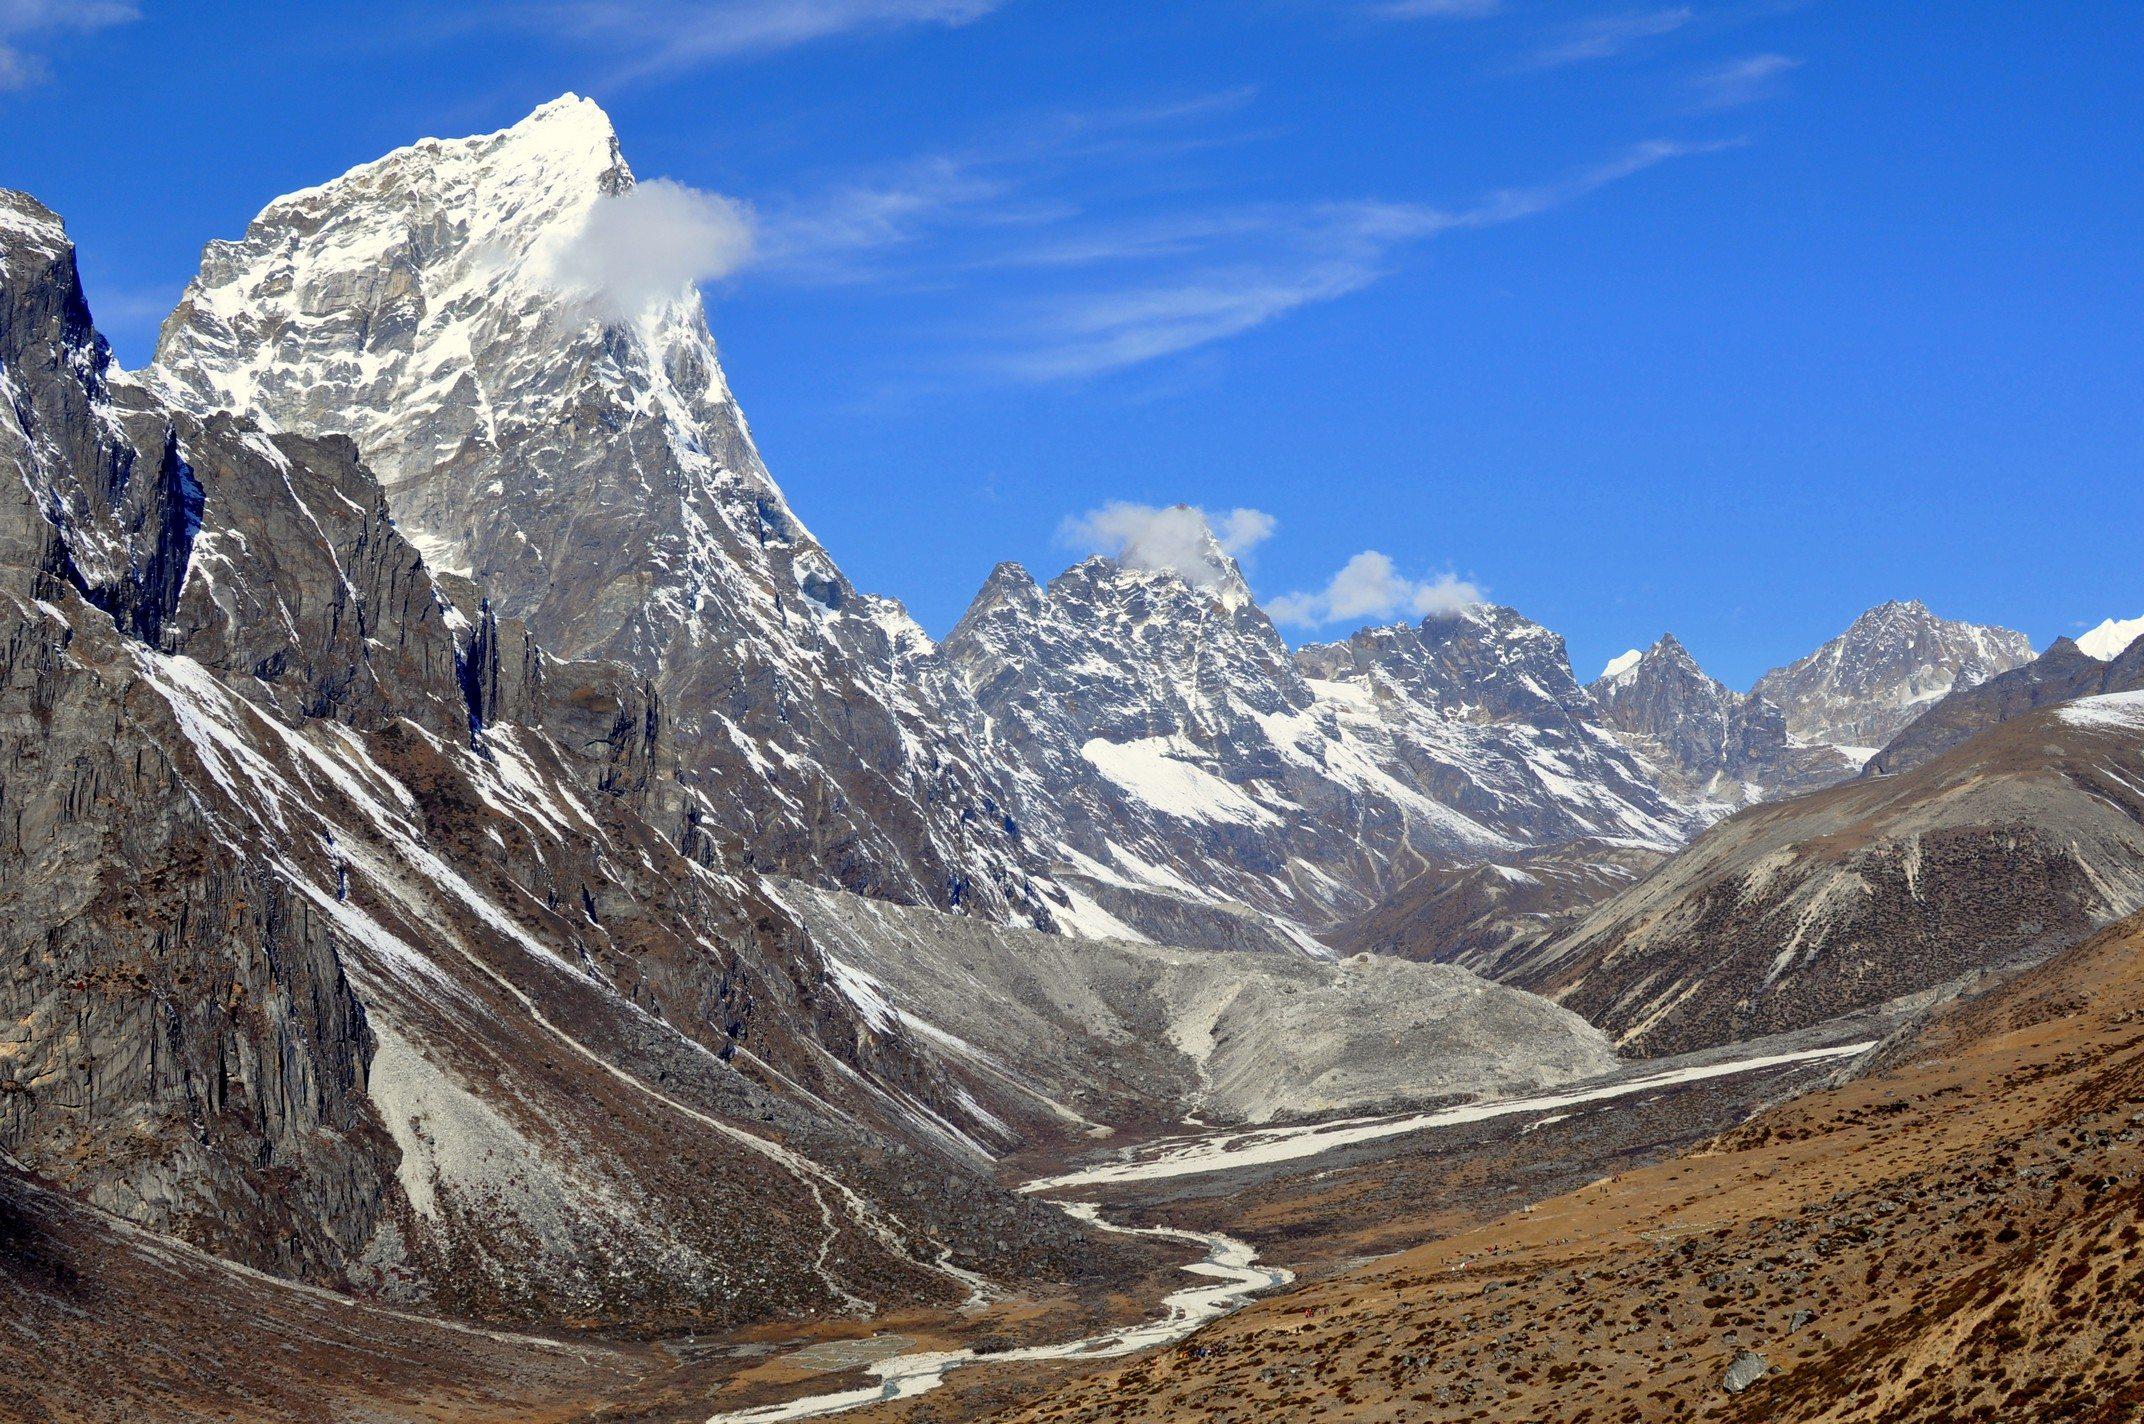 Trek du camp de base de l'Everest Sentier Dingboche - Lobuche, 4500m